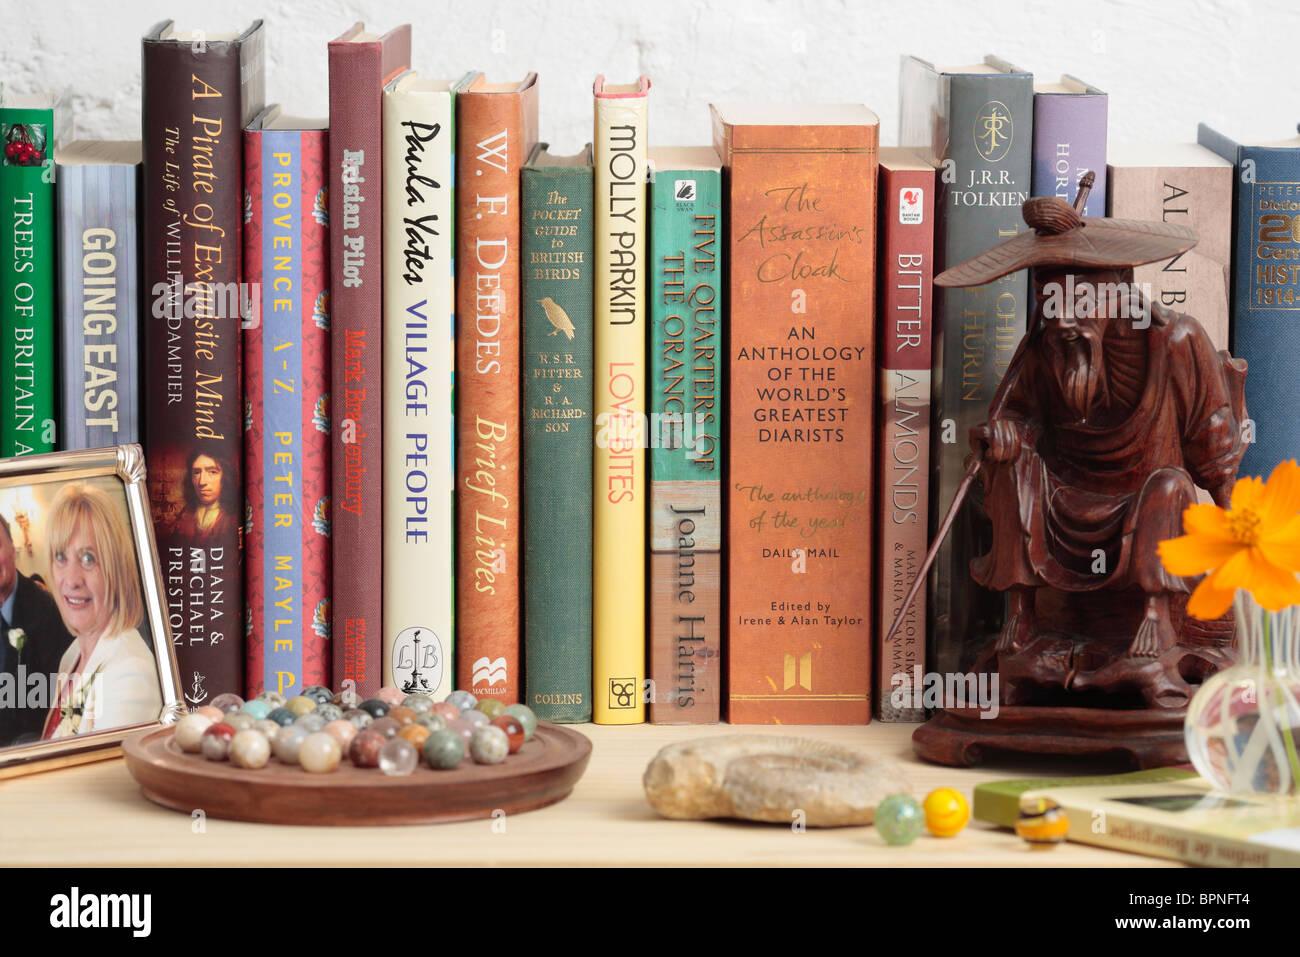 Bibliothèque de livres, Sculpture, fossile d'Ammonite, jeu de Solitaire et cadre photo. Photo Stock